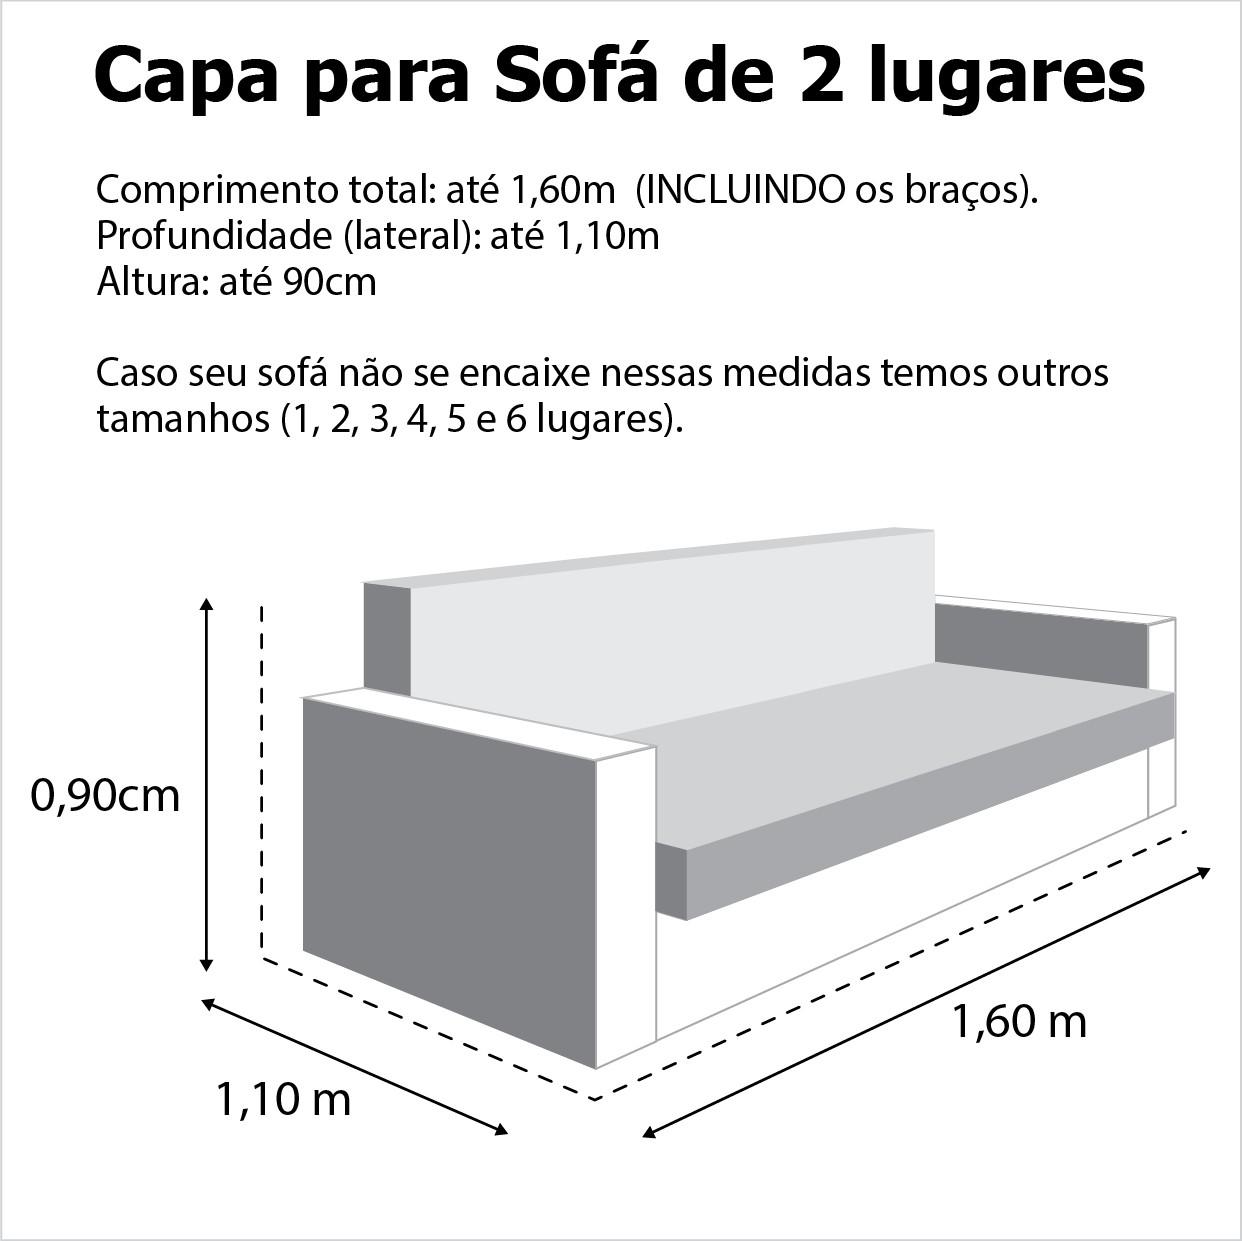 Capa para Sofá de 2 Lugares em Brim Sarja 100% Algodão